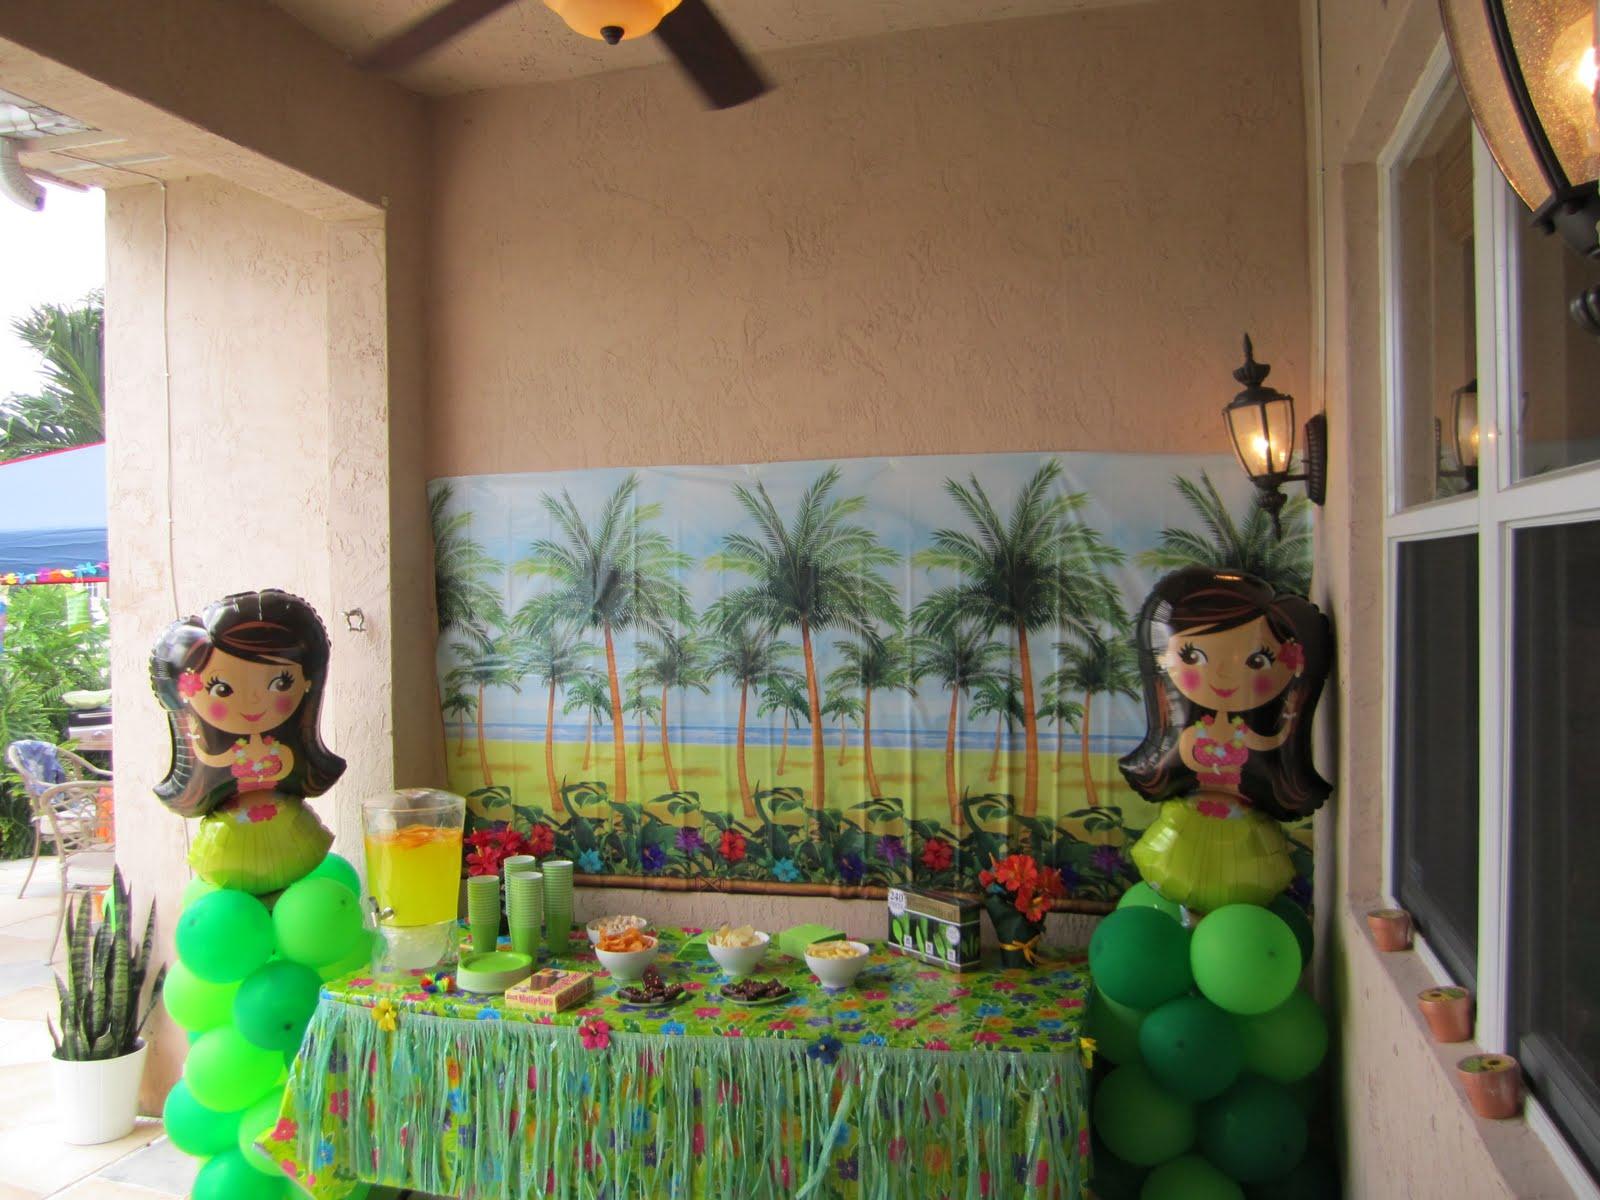 Dicas de como decorar uma festa havaiana Como decorar sua festa # Decoração Havaiana Simples